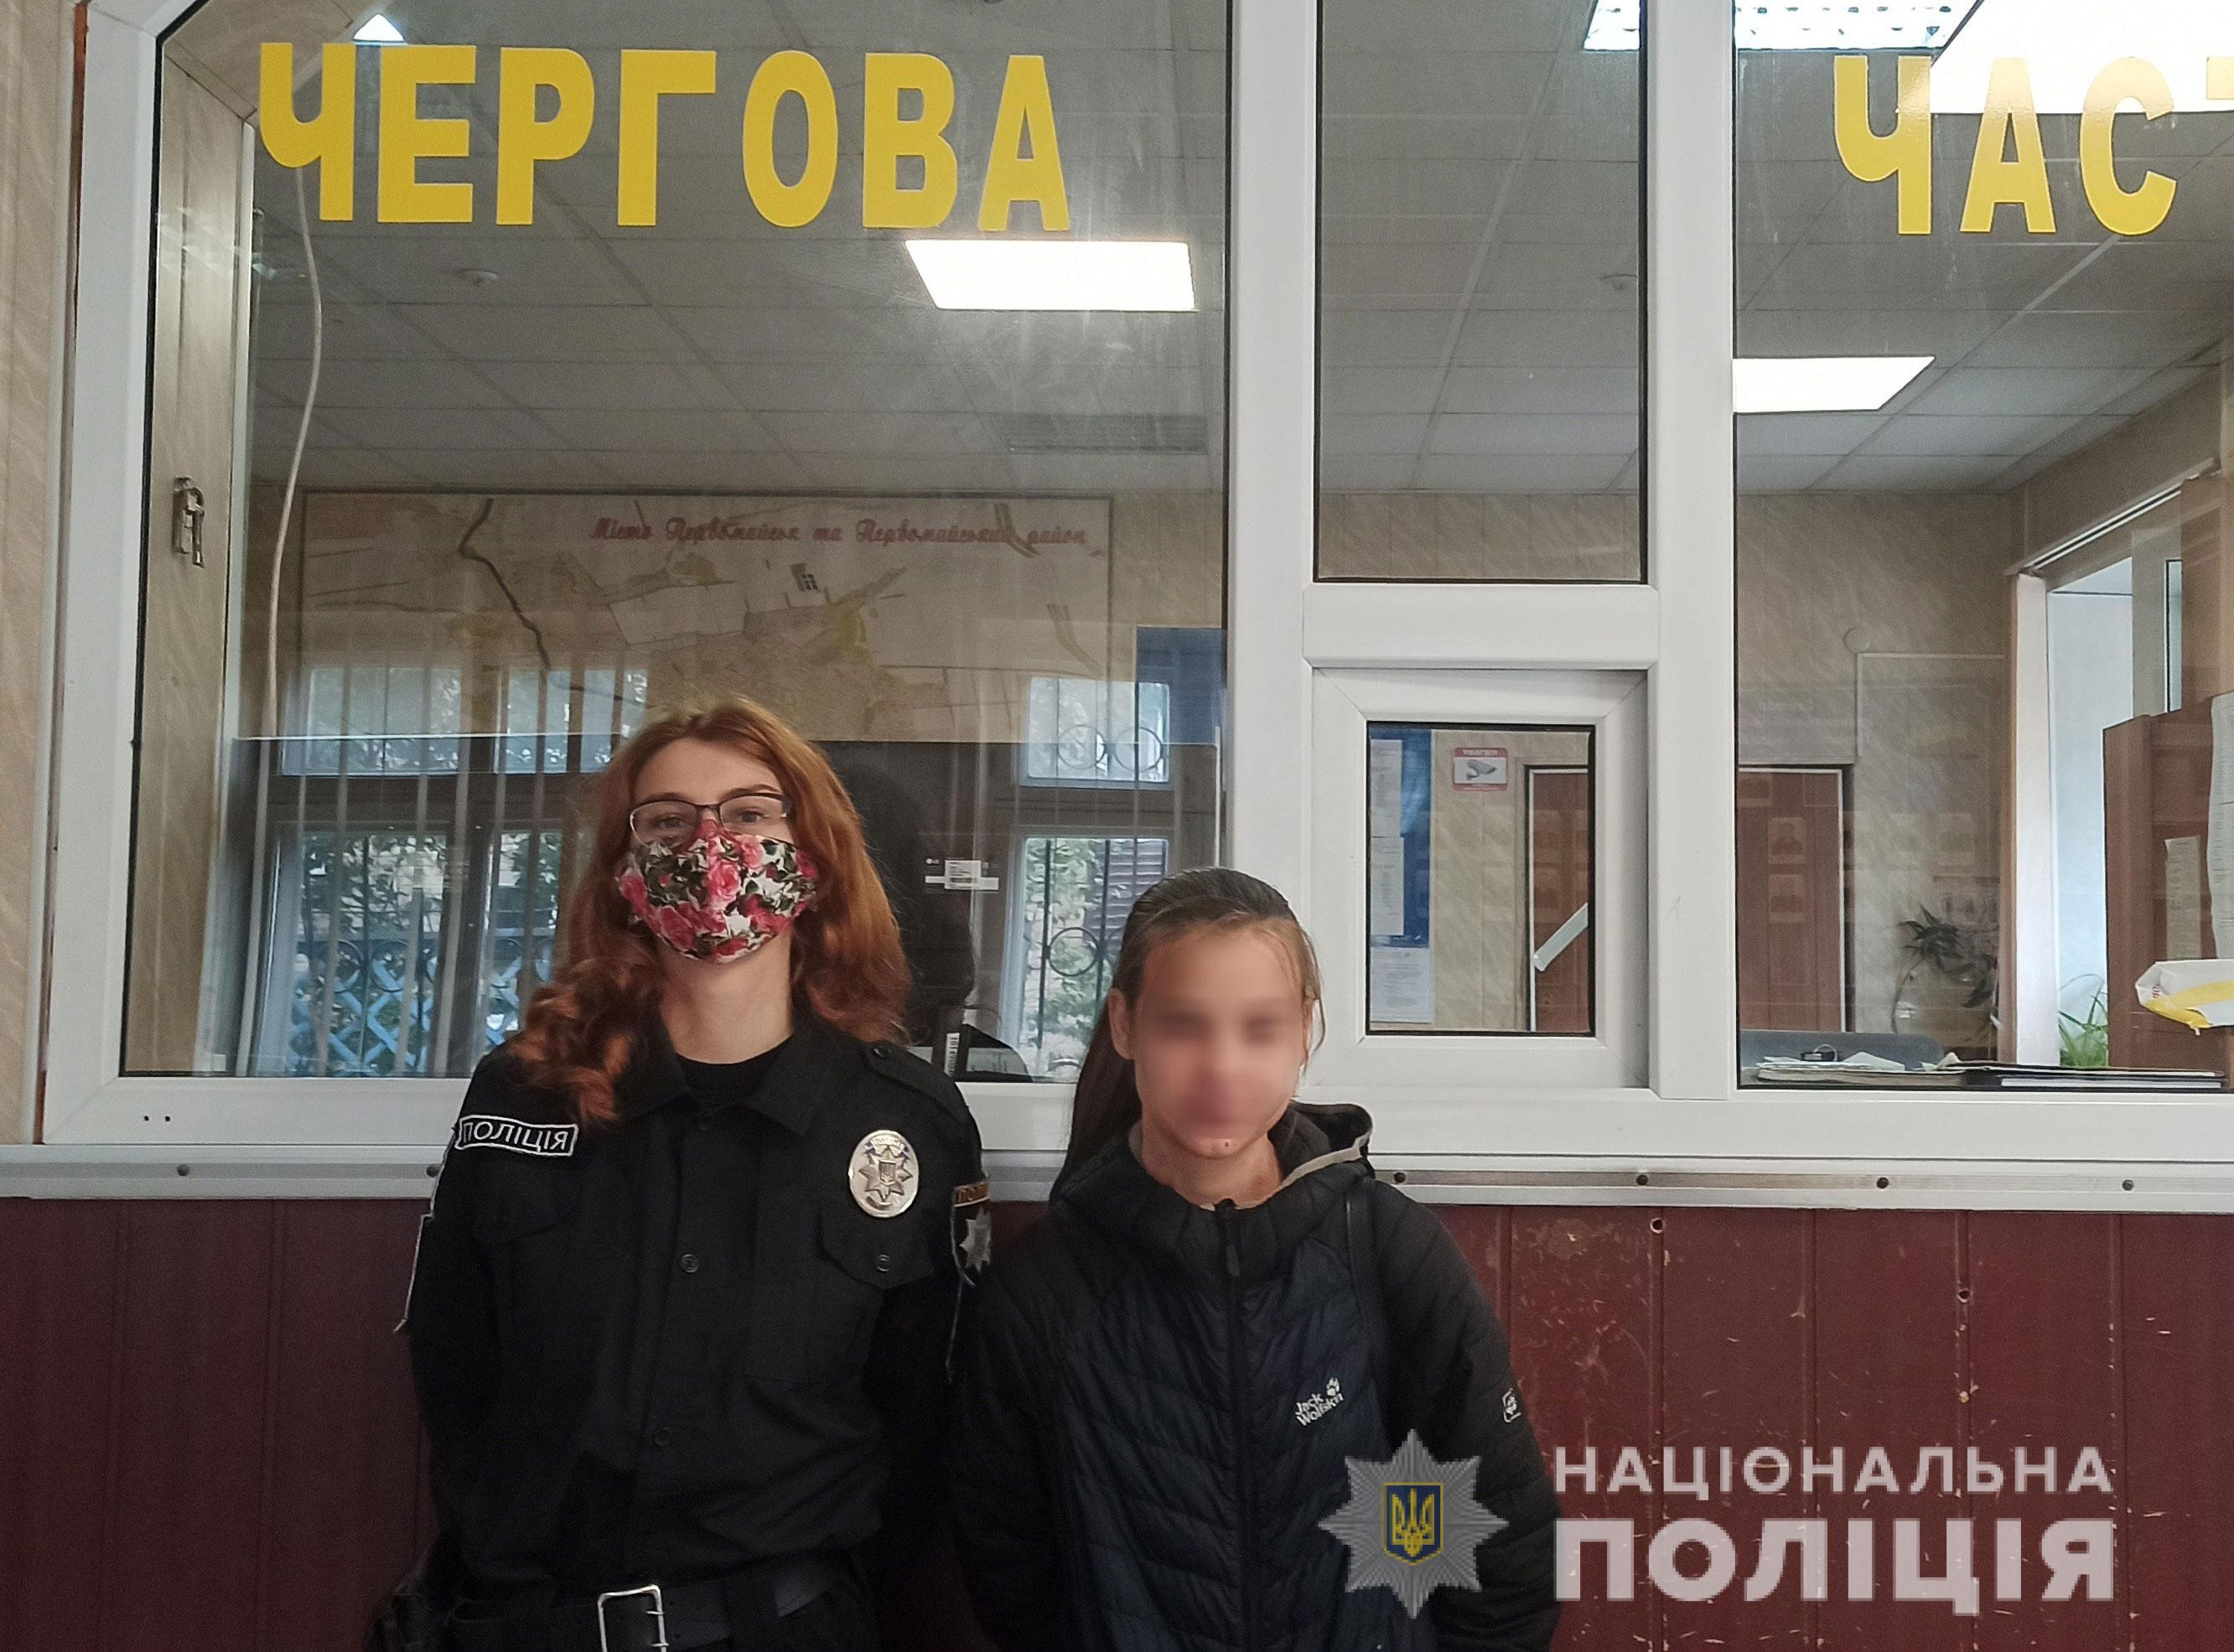 Правоохранители разыскали 17-летнюю студентку политеха, которая сутки «гостила» у однокурсницы